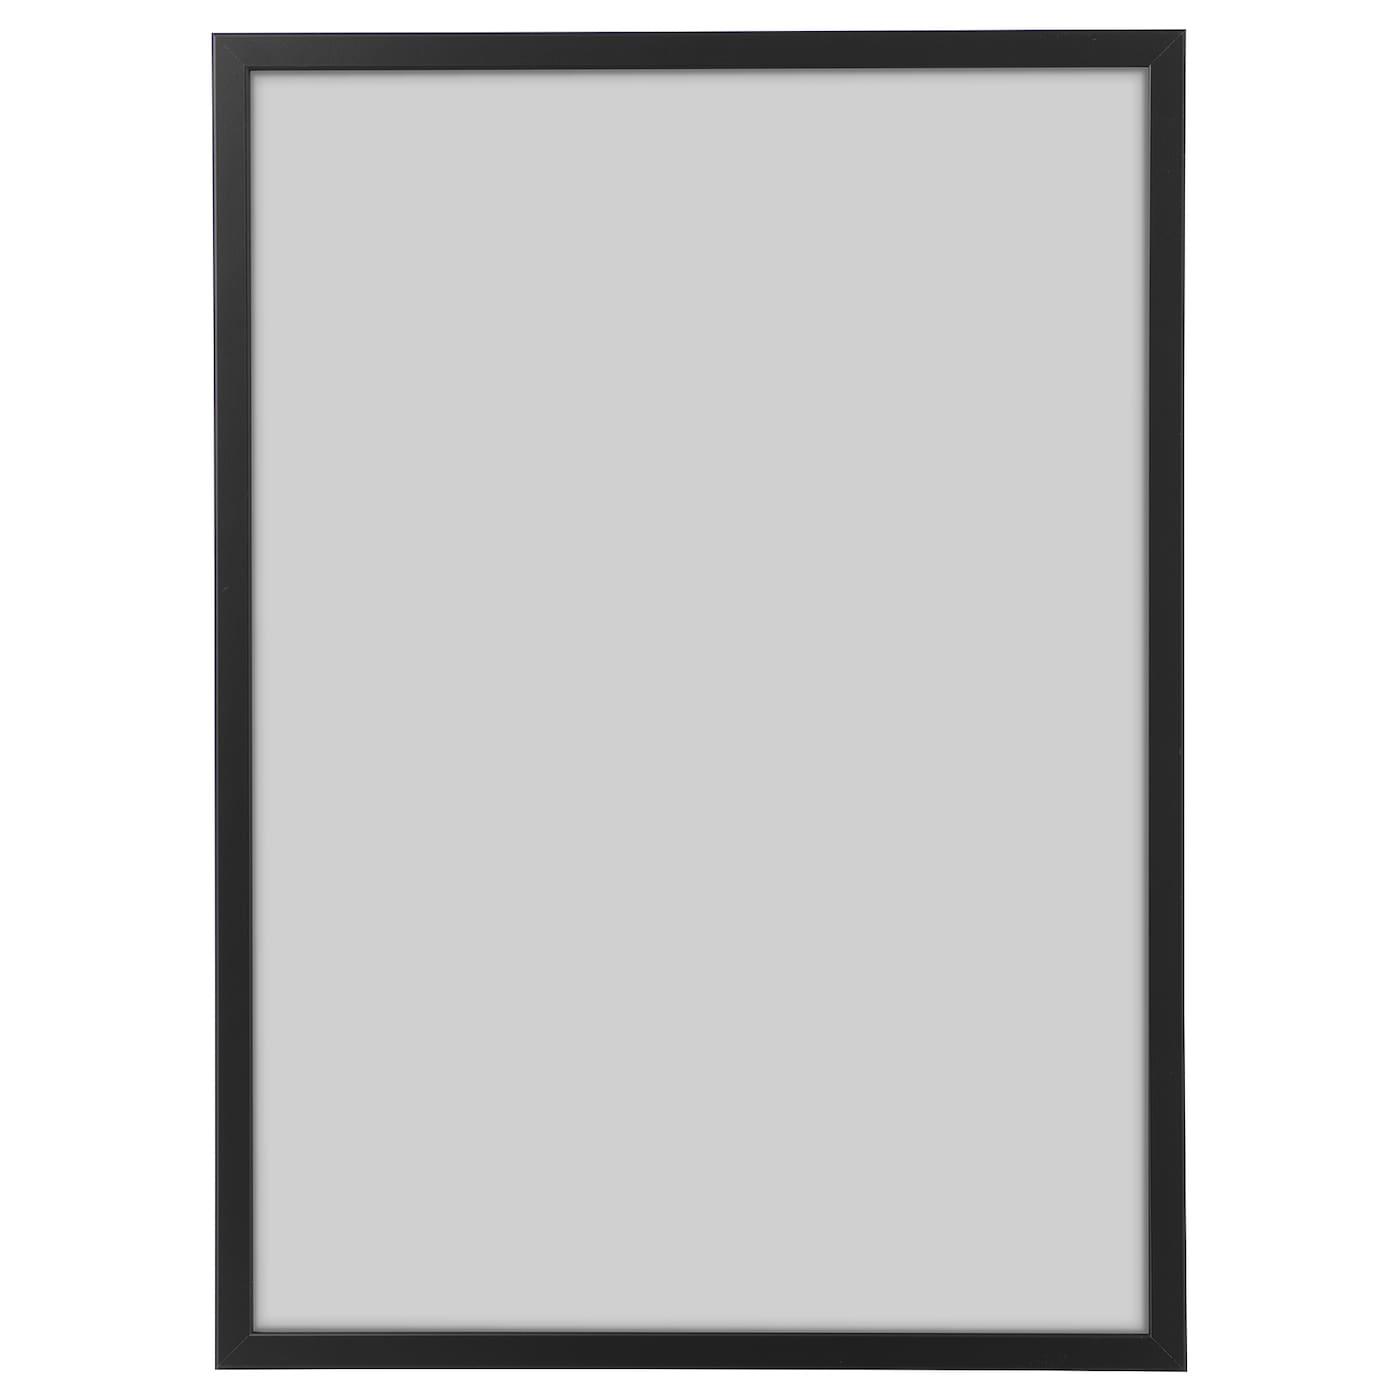 FISKBO Marco negro 50x70 cm